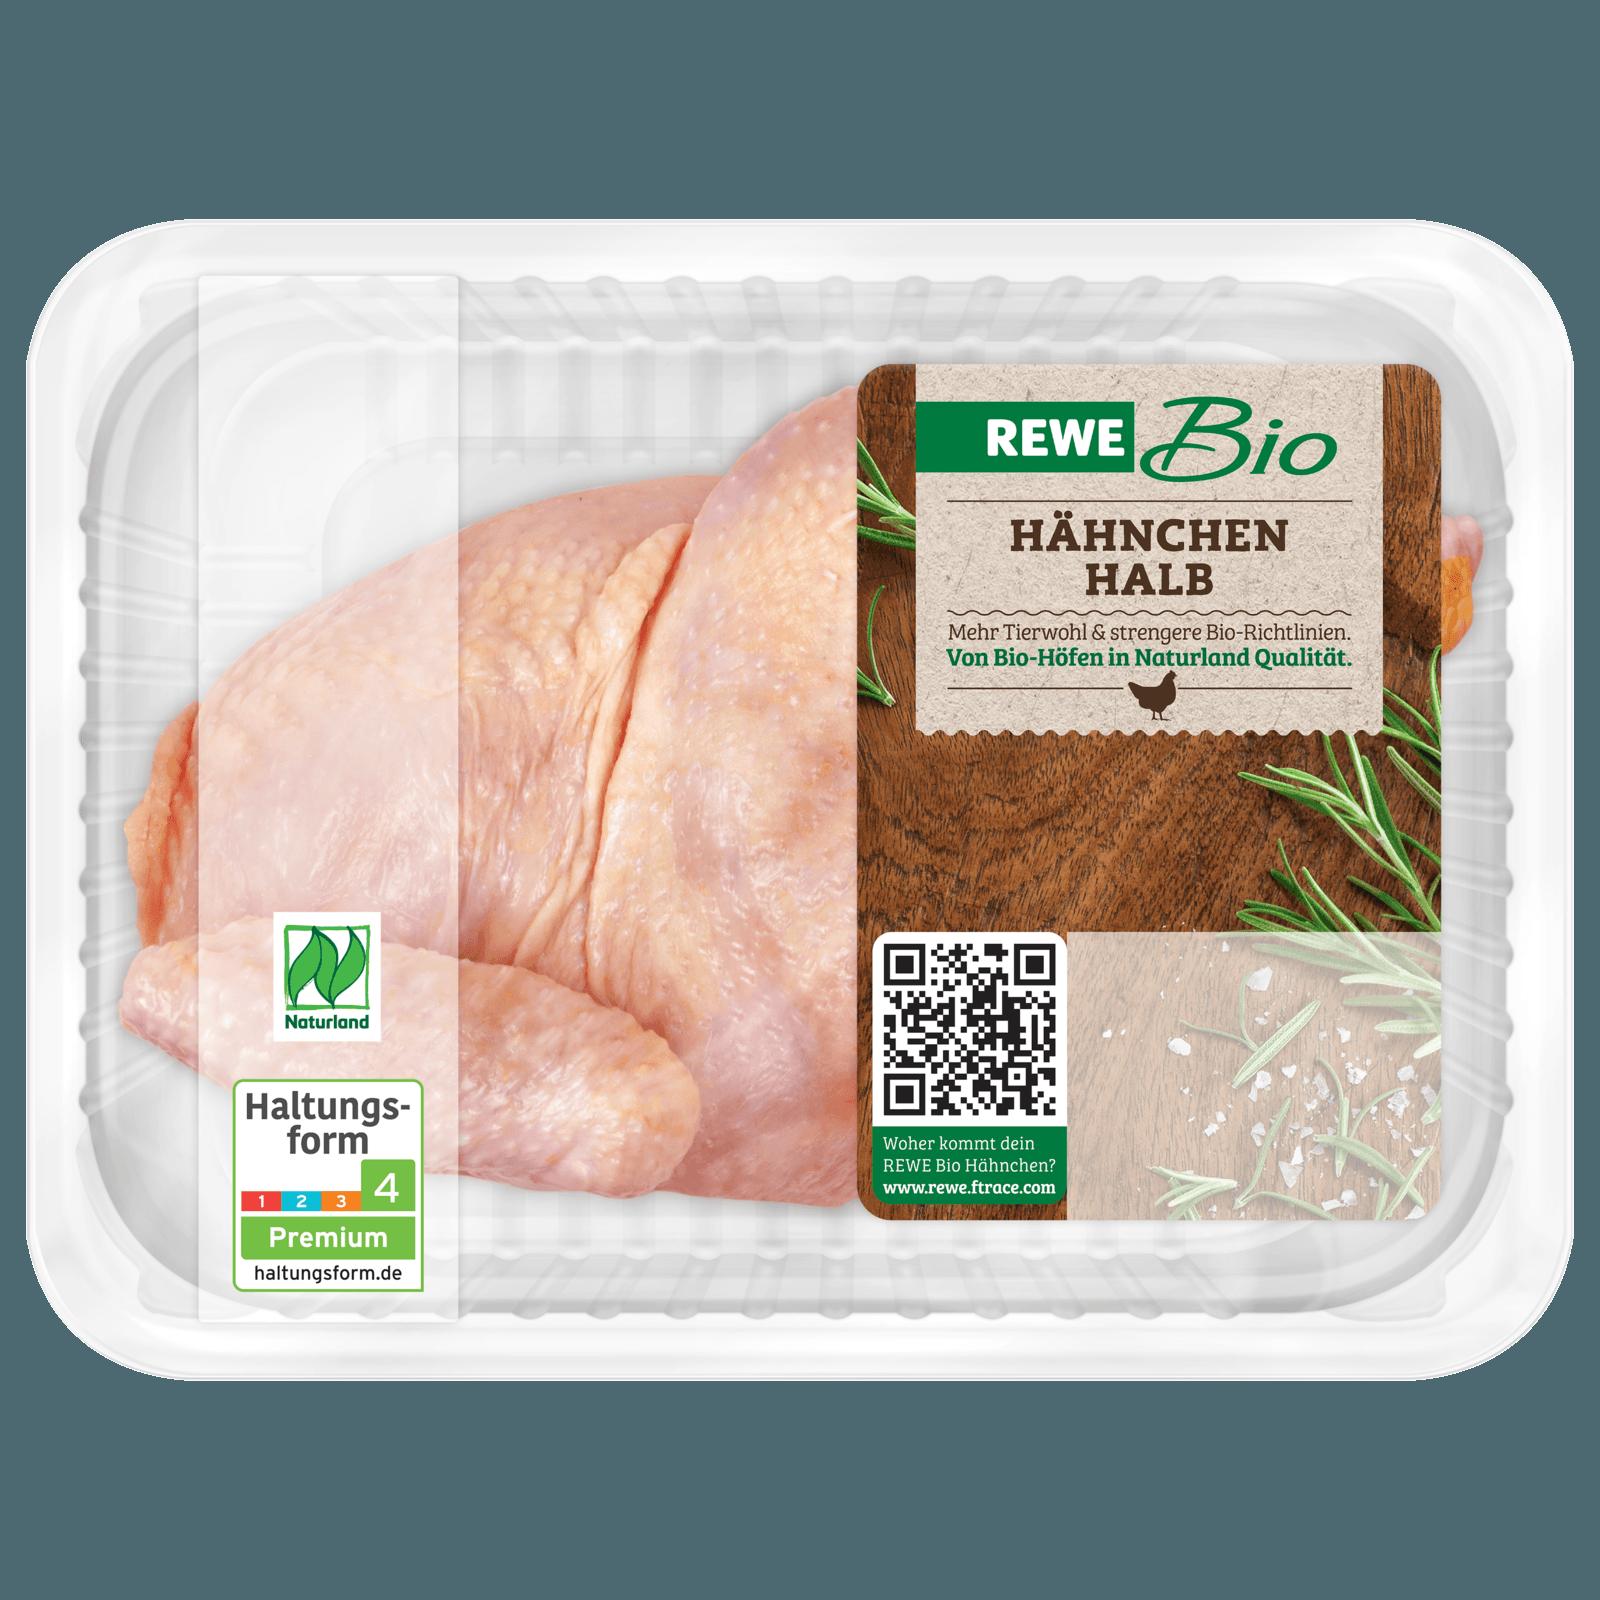 REWE Bio Halbes Hähnchen 800g bei REWE online bestellen!